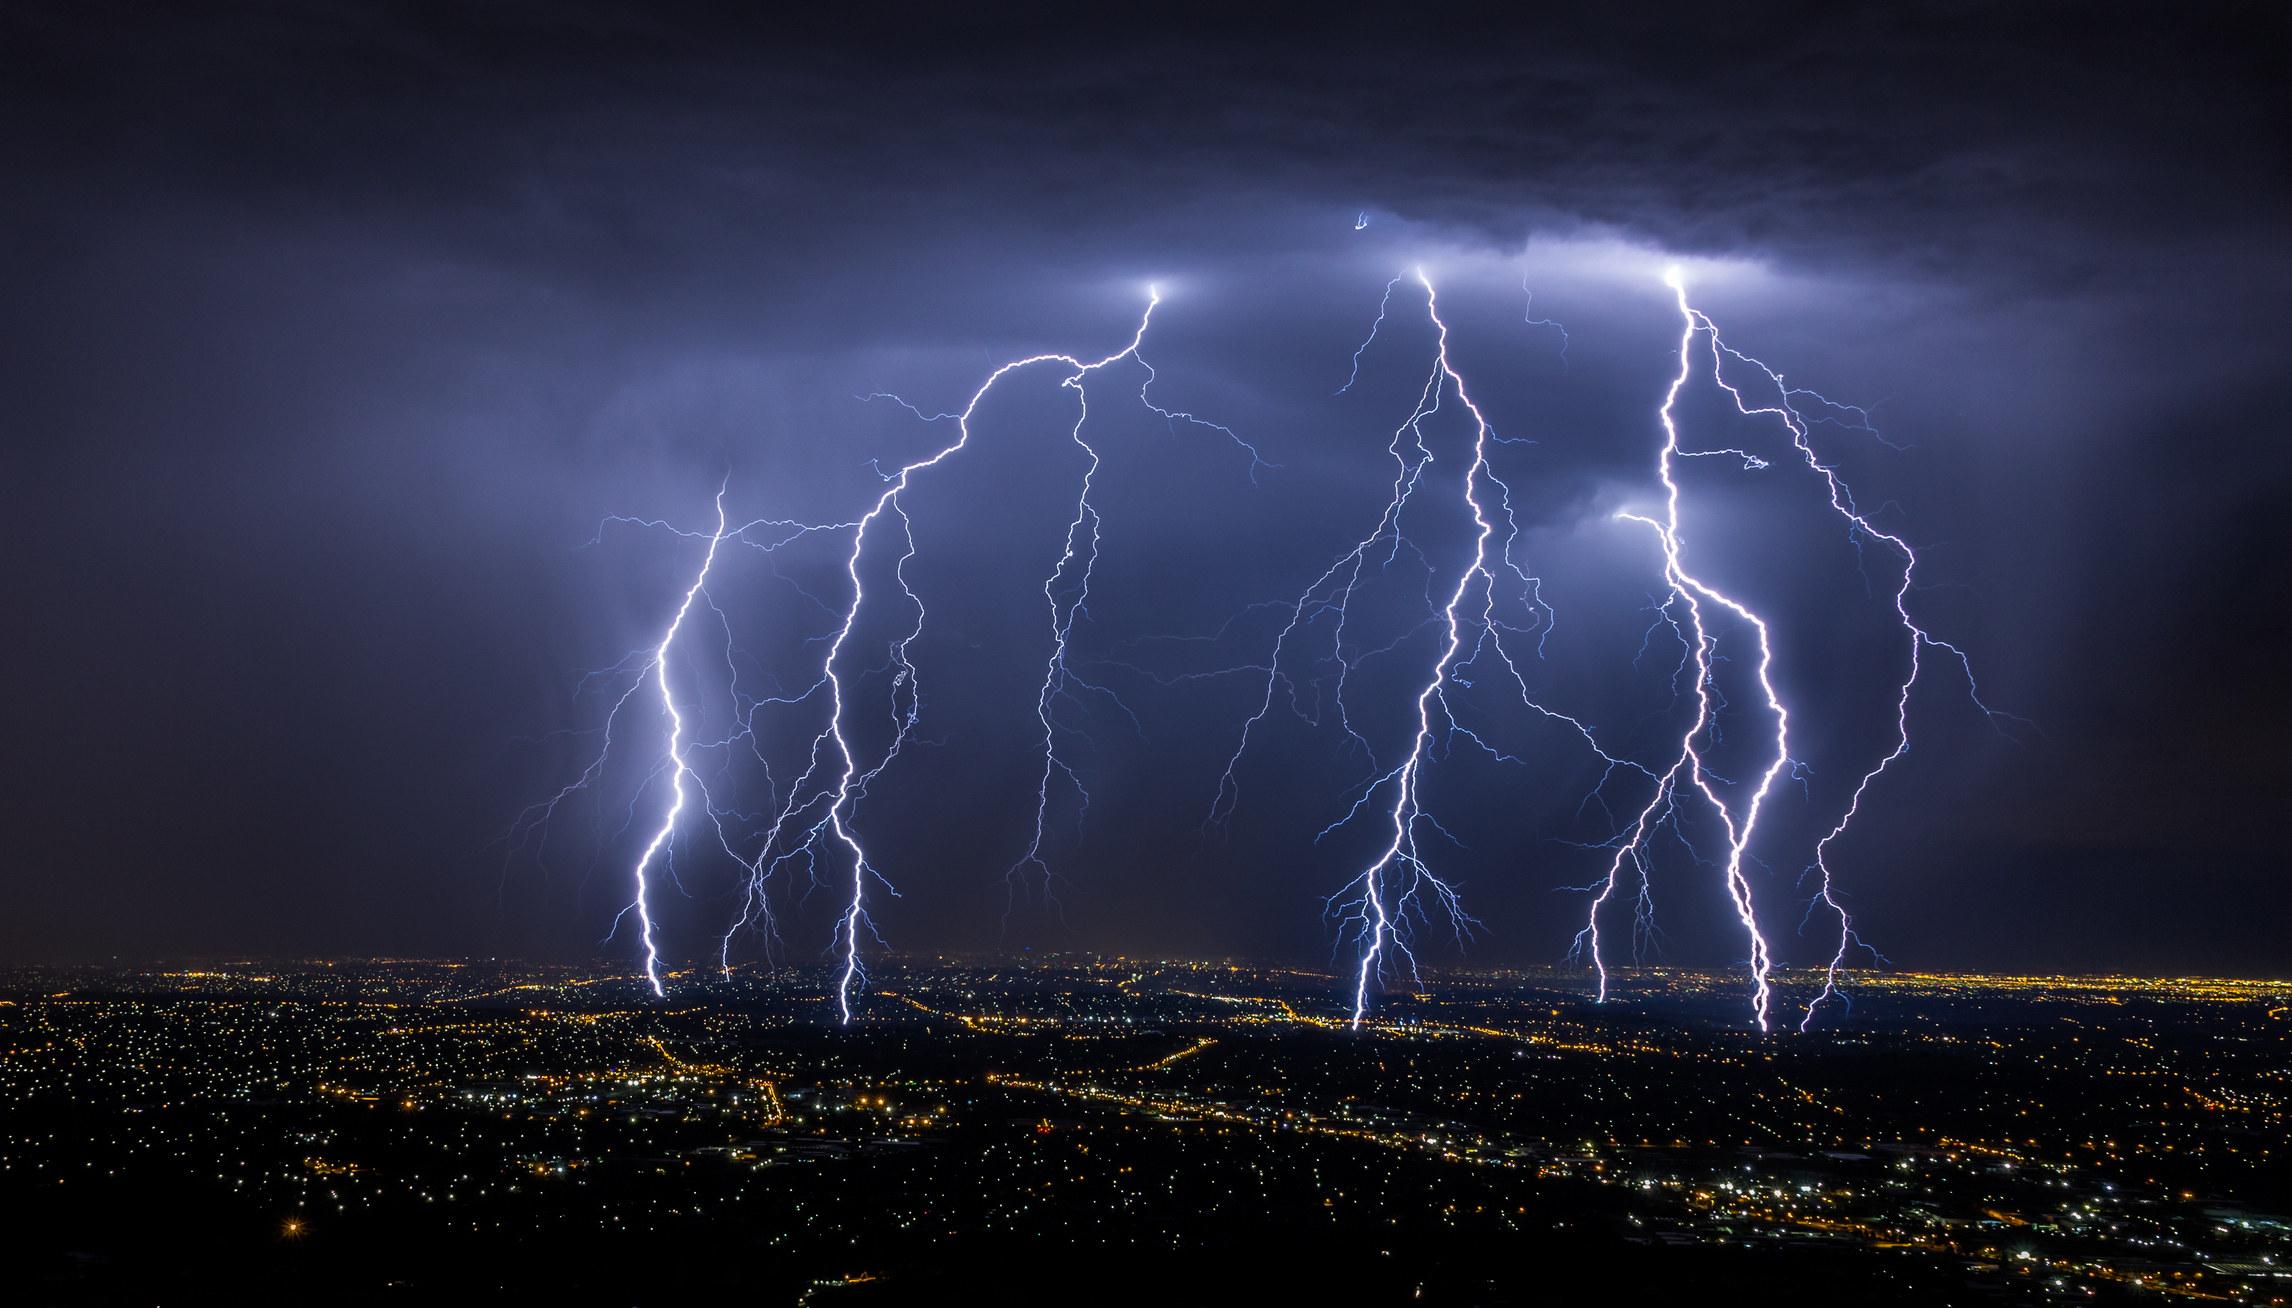 Lightning strikes a city at night